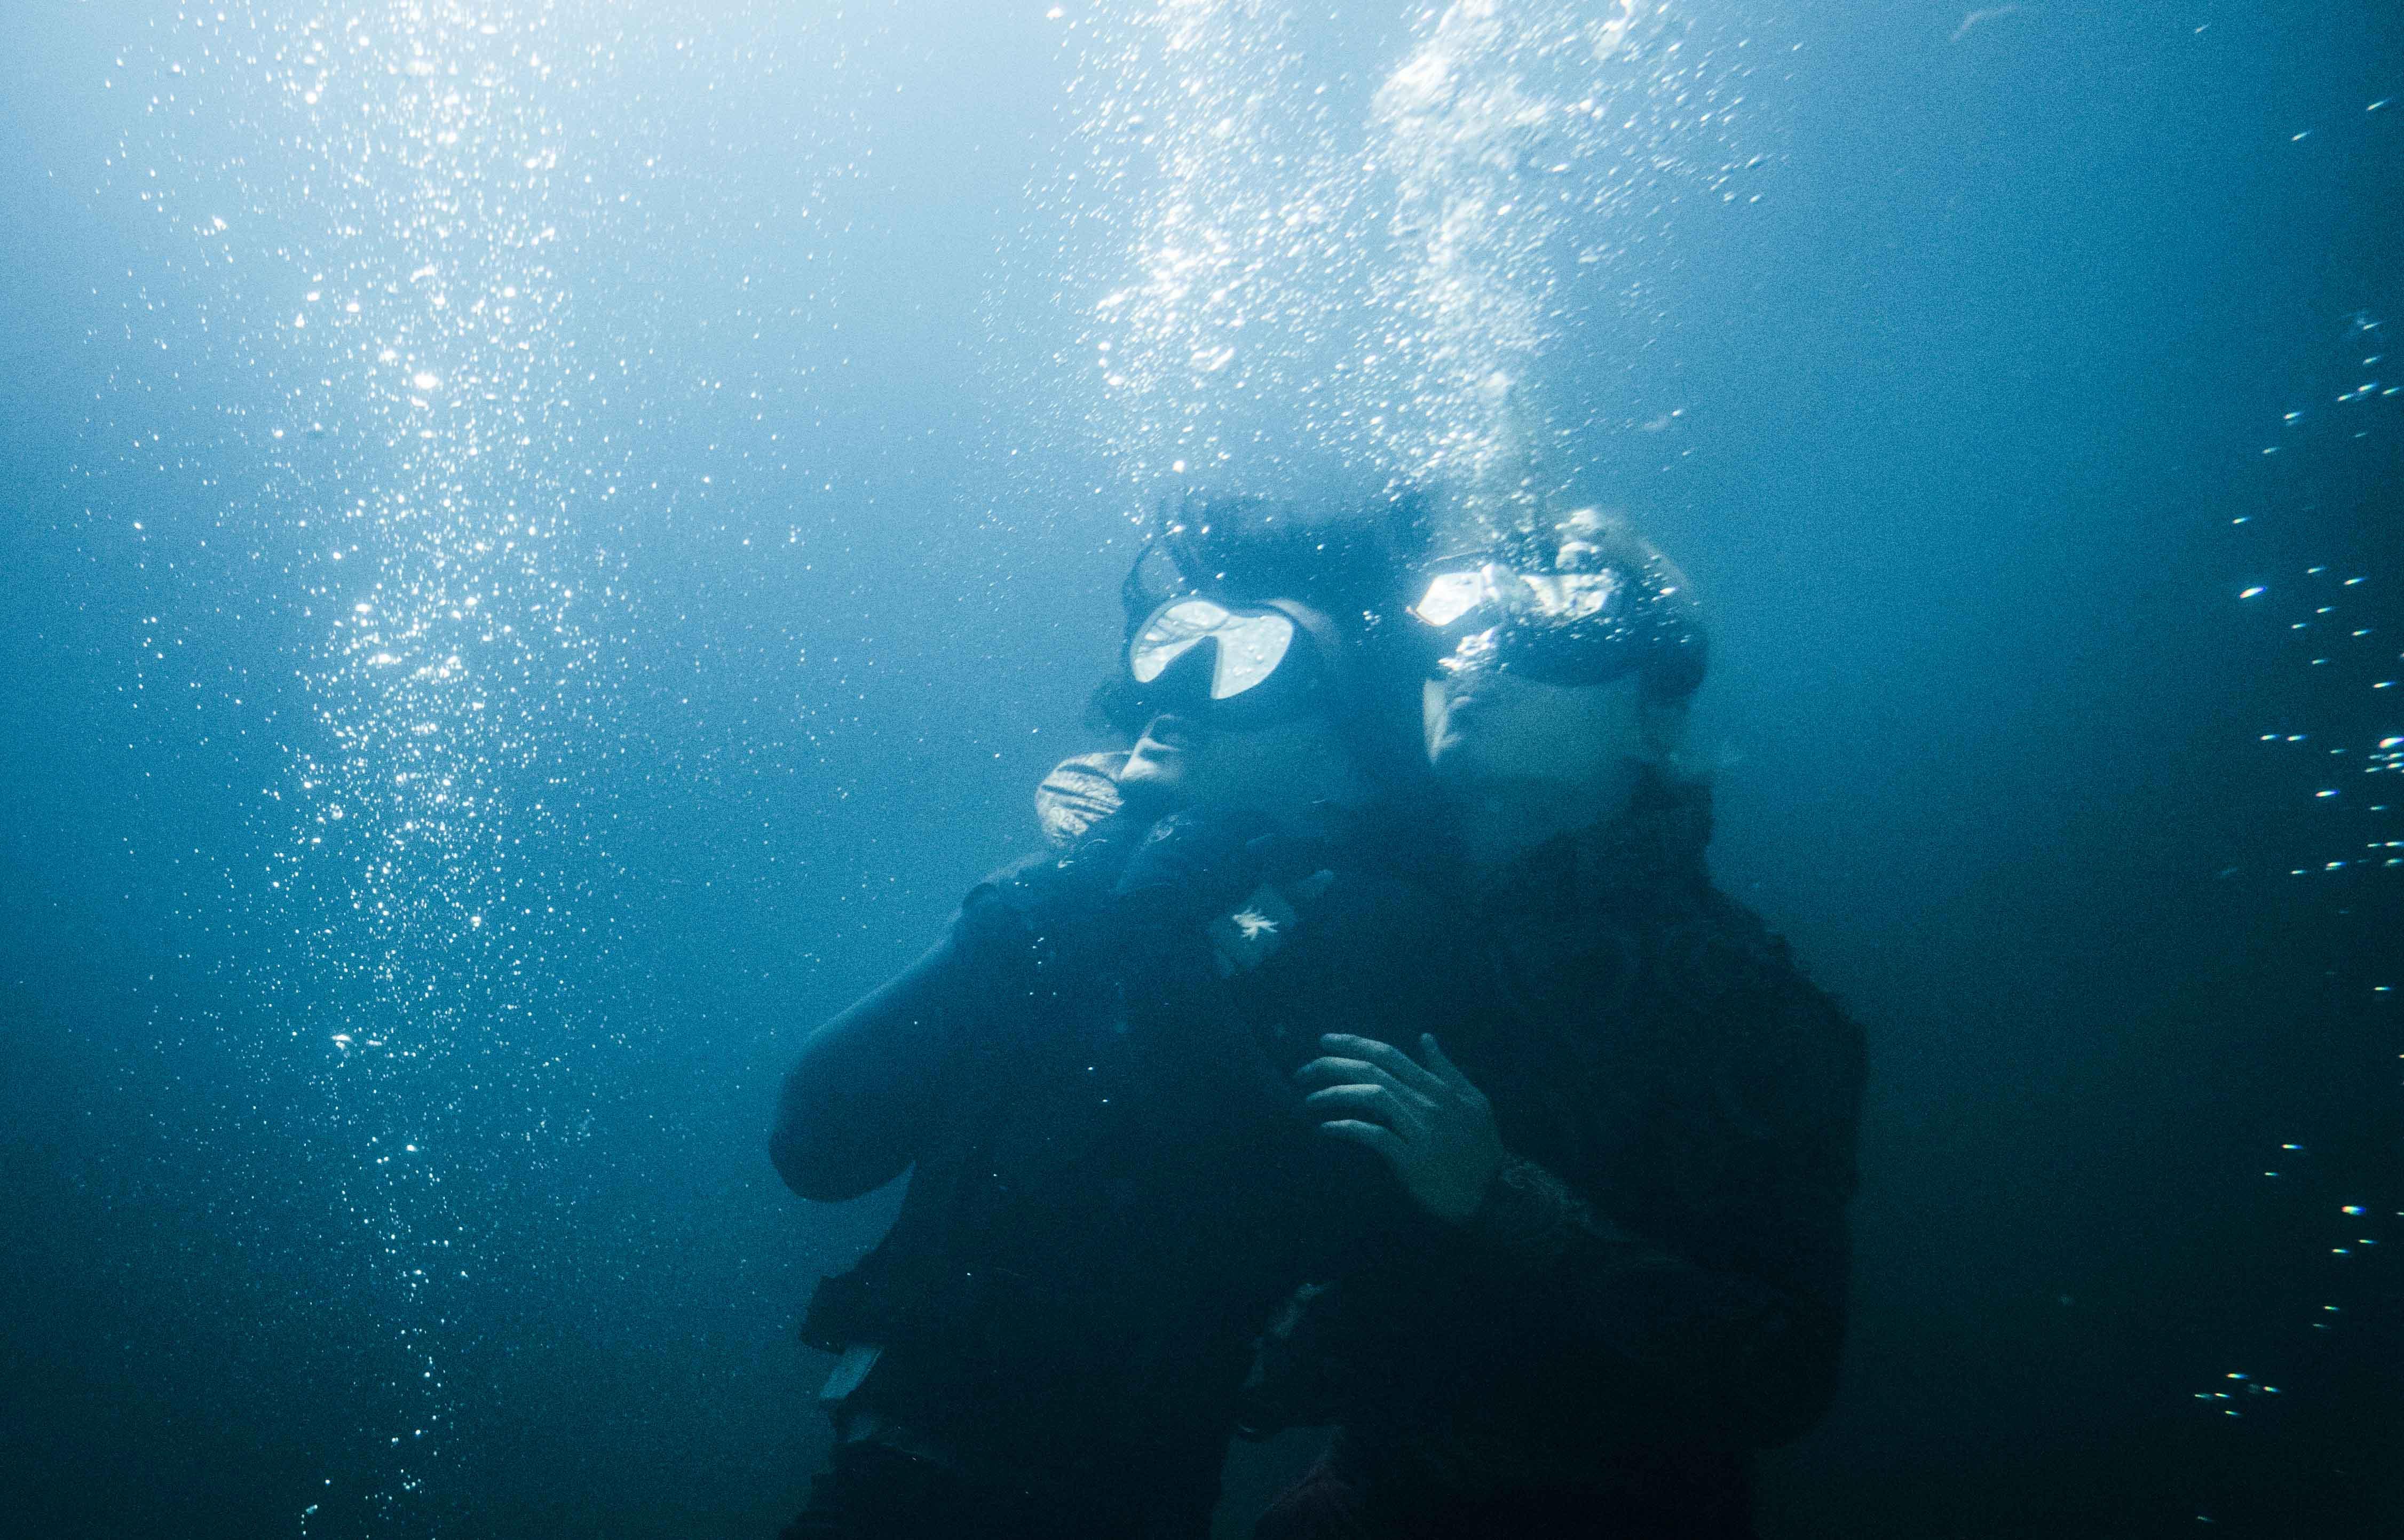 張晉(右)和余文樂(左)在水中纏鬥 搏命演出.JPG